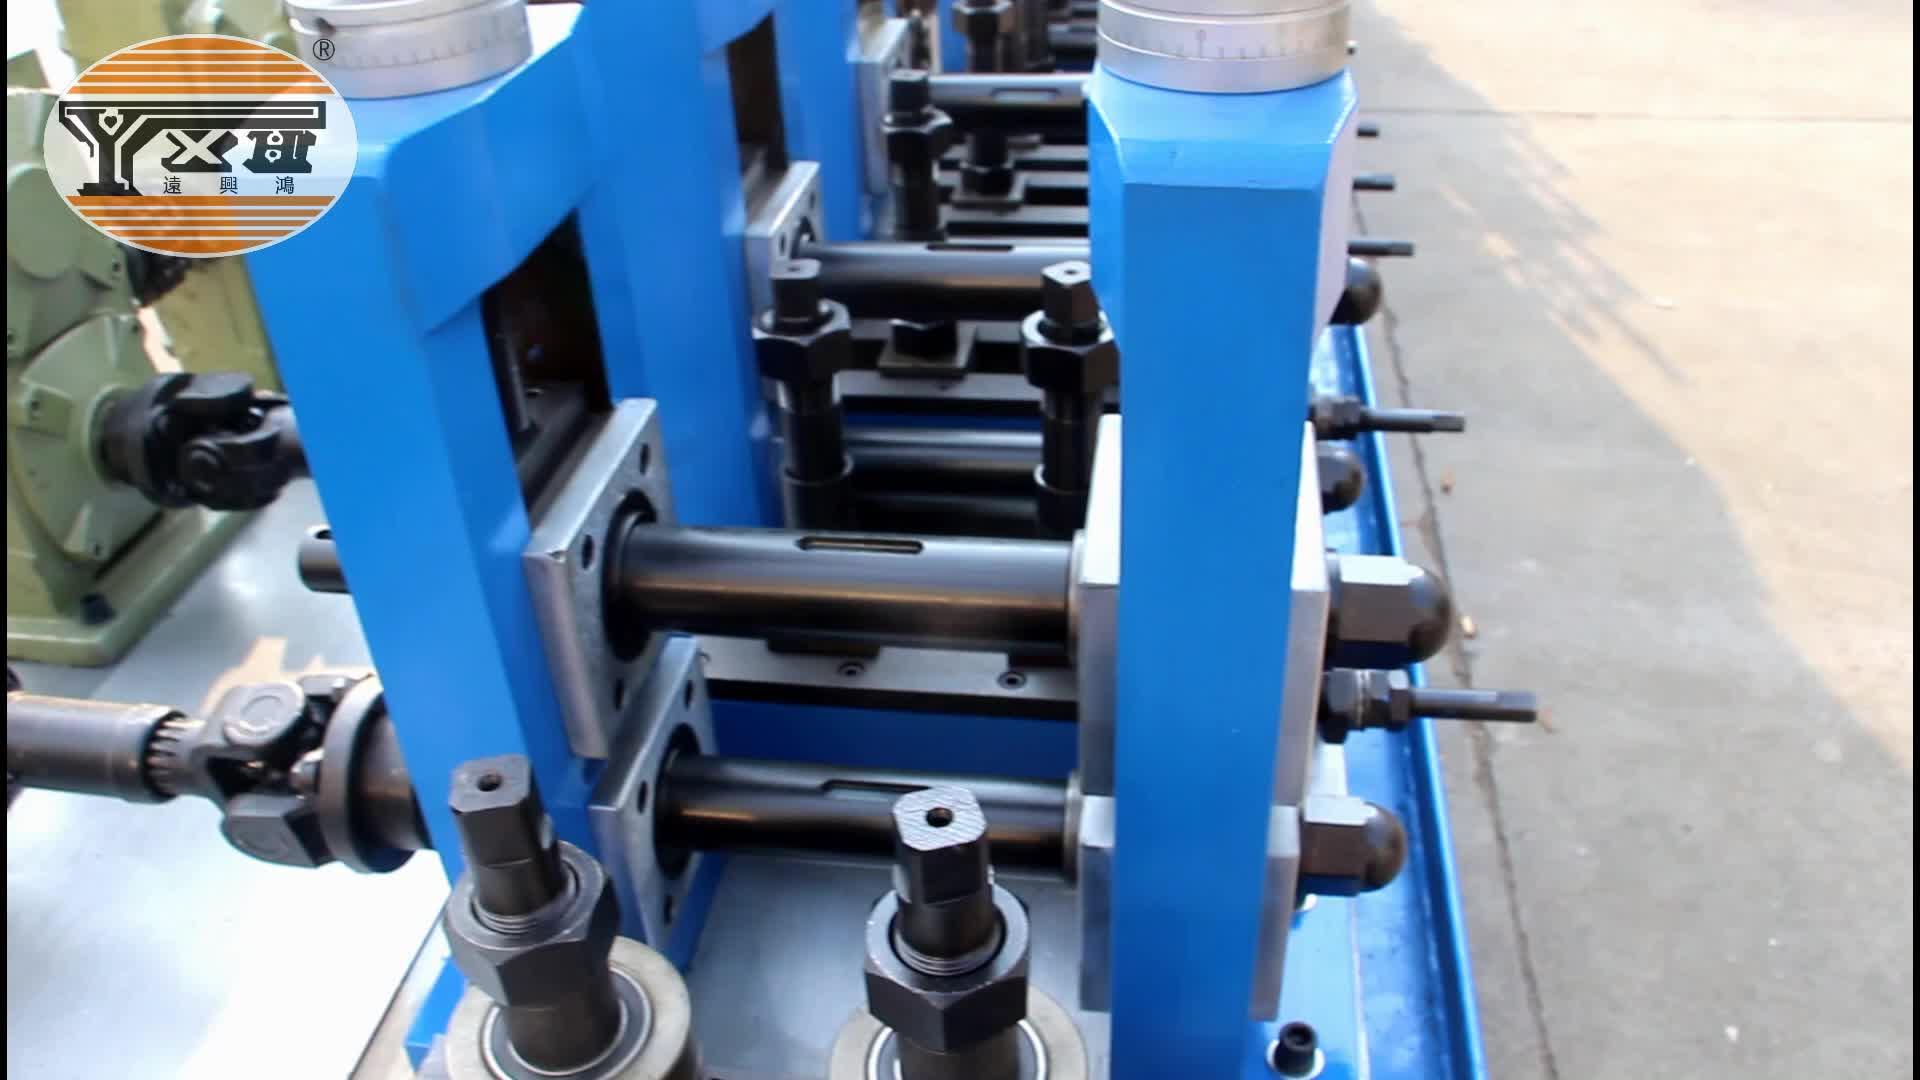 Schweißanlage Edelstahl Schweißen Maschine Einfach Bedienen Rohrmaschine